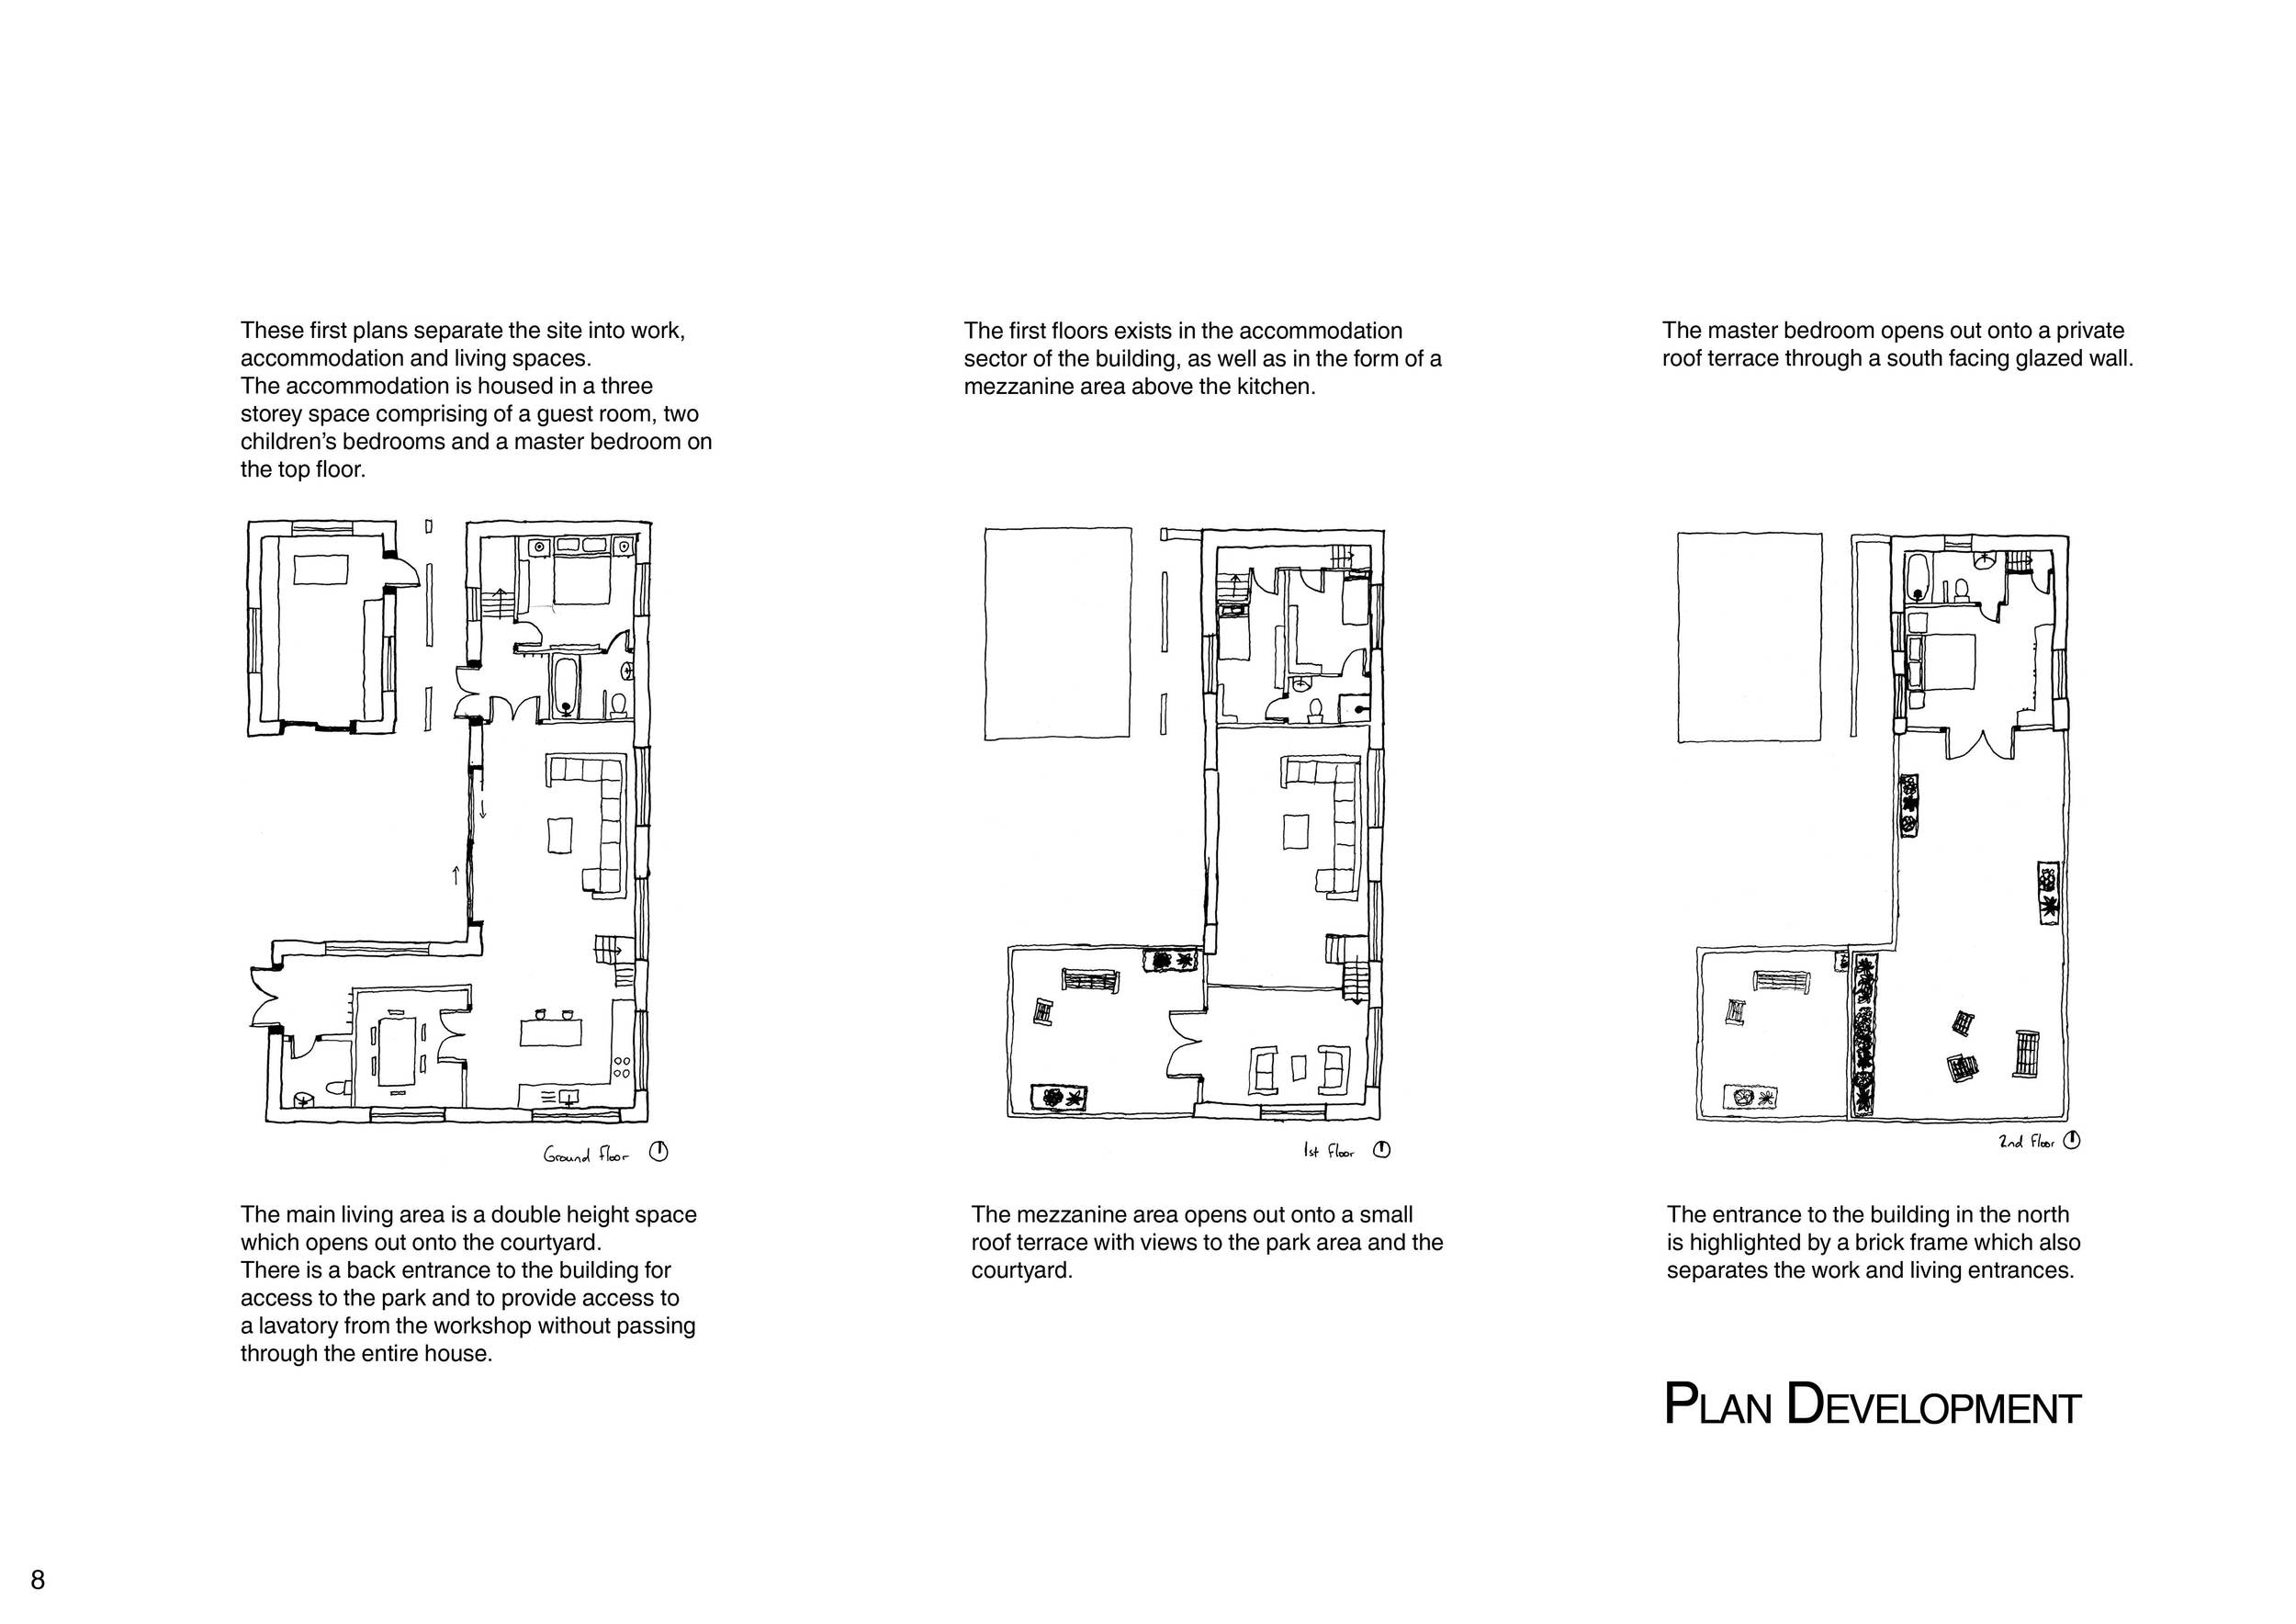 plan development1.jpg